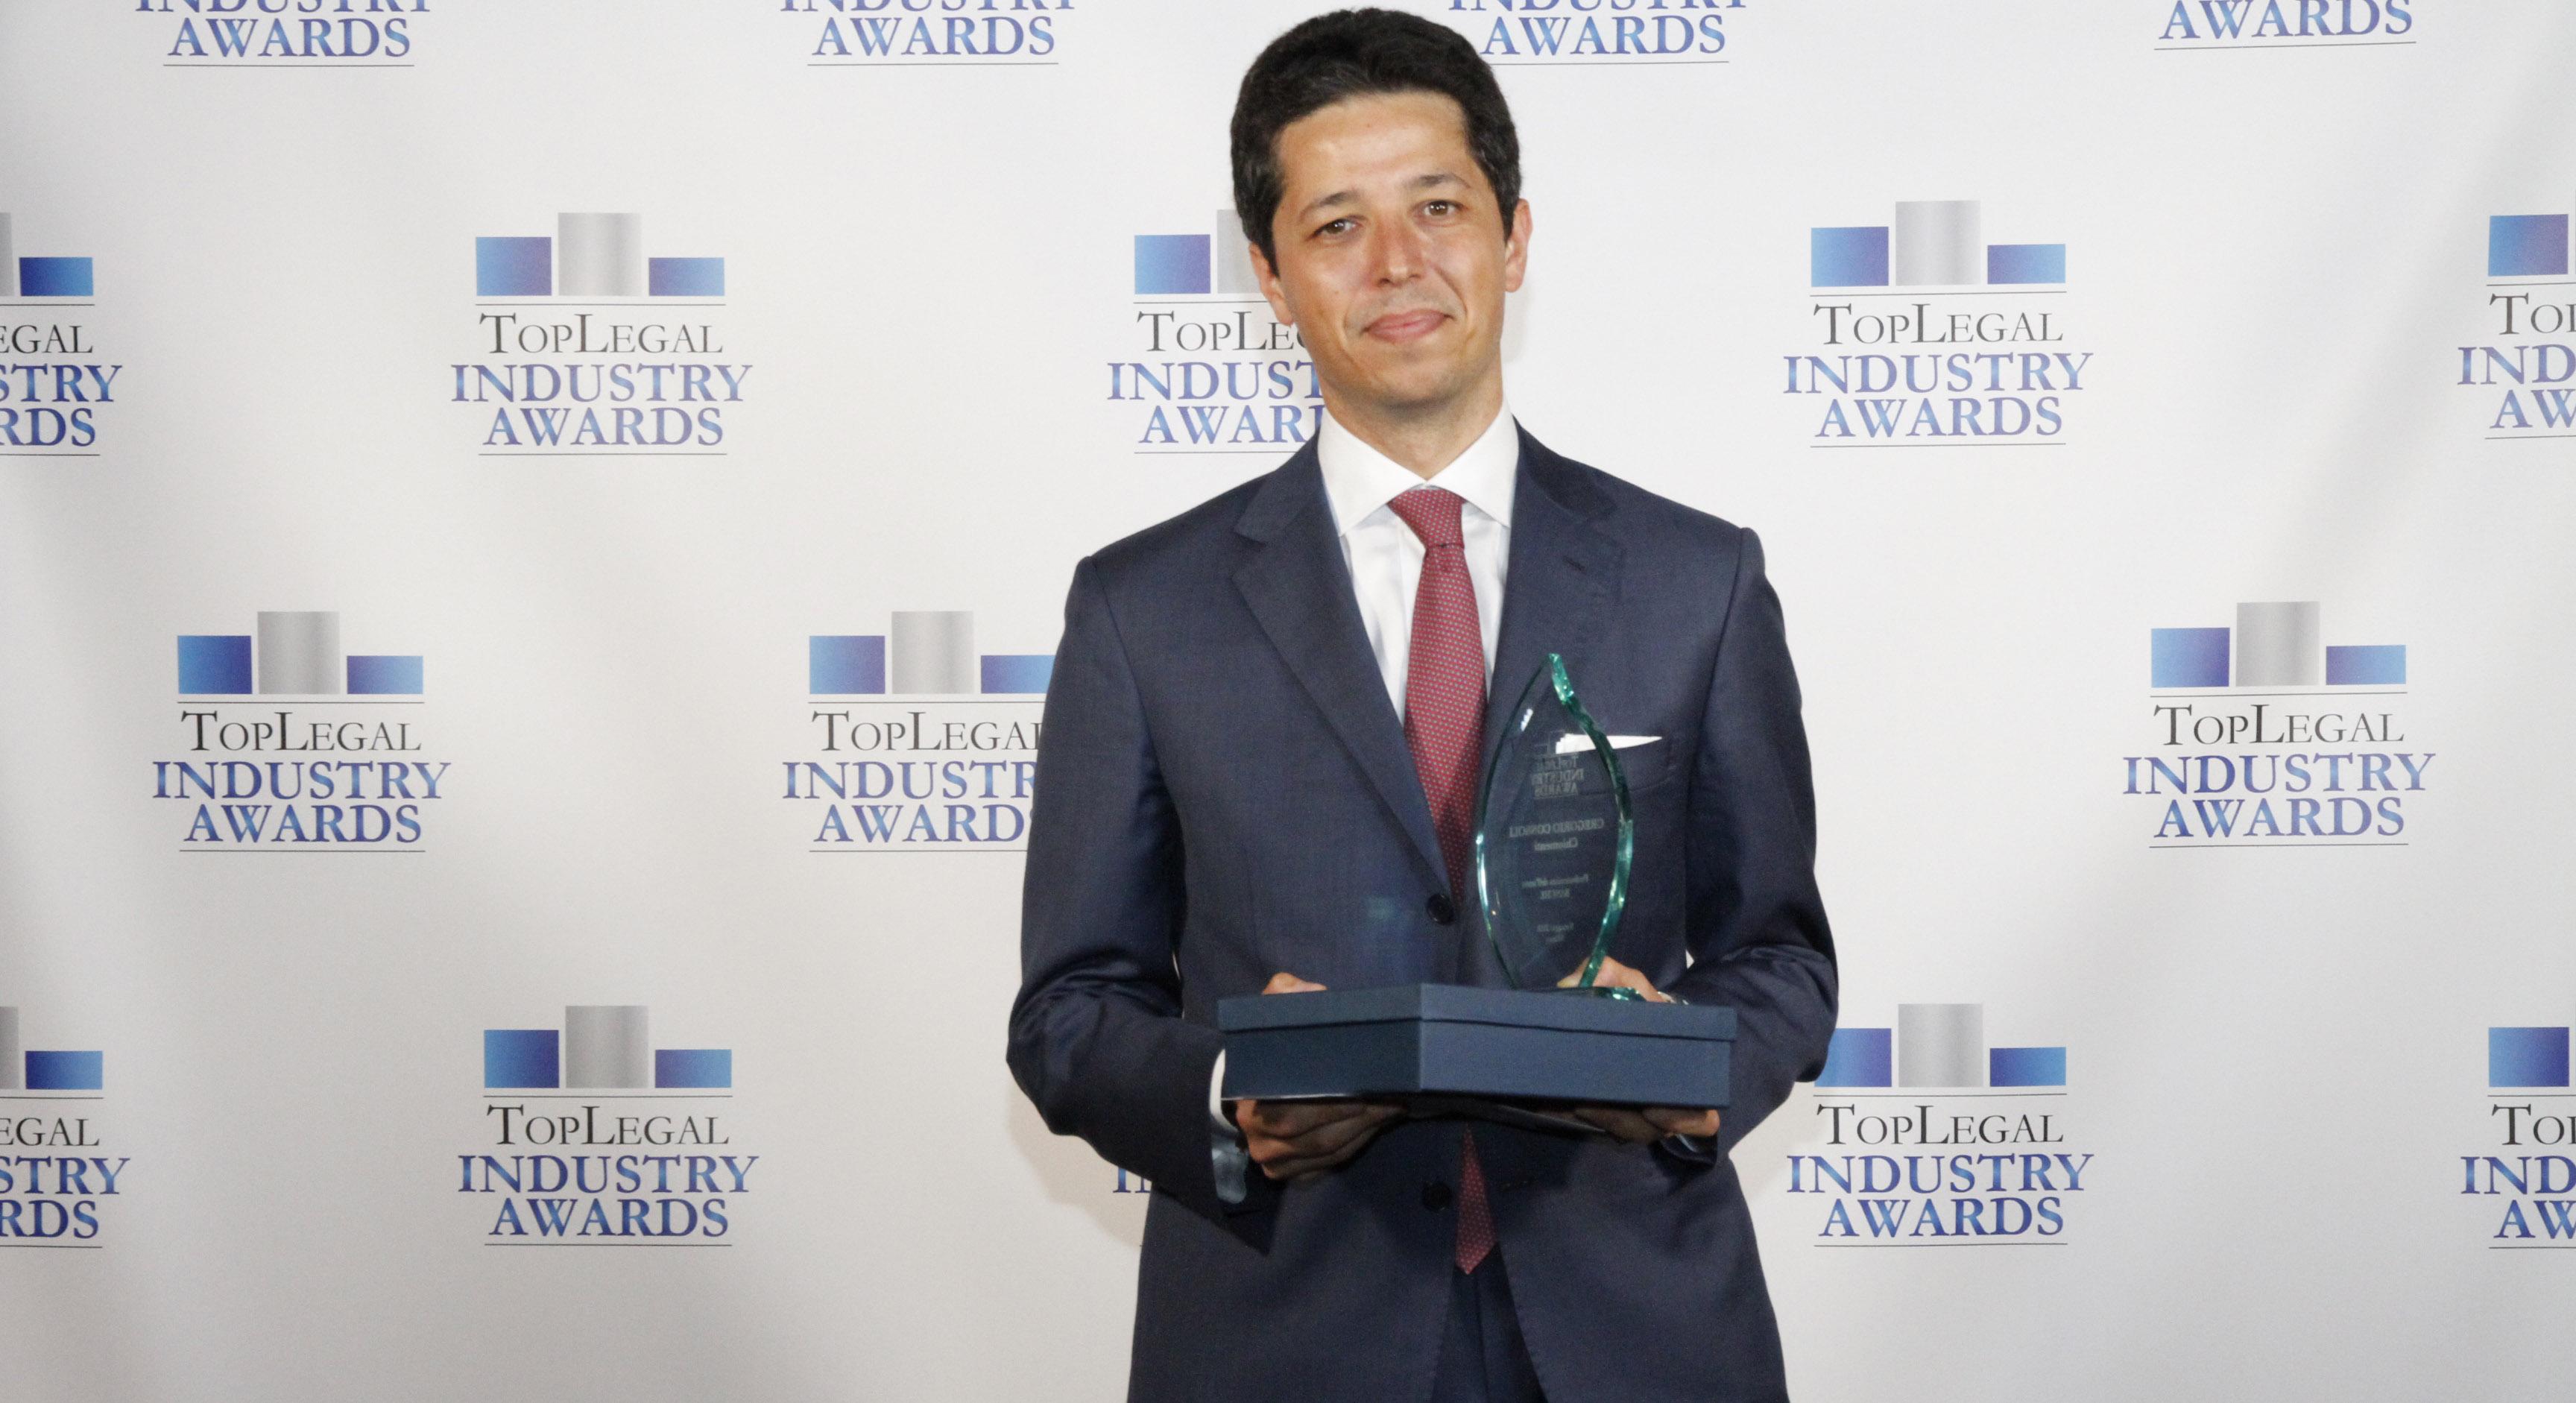 """TopLegal Industry Awards 2018: Chiomenti premiato come """"Studio dell'anno Real Estate"""" e Gregorio Consoli come """"Avvocato dell'Anno Banche"""""""